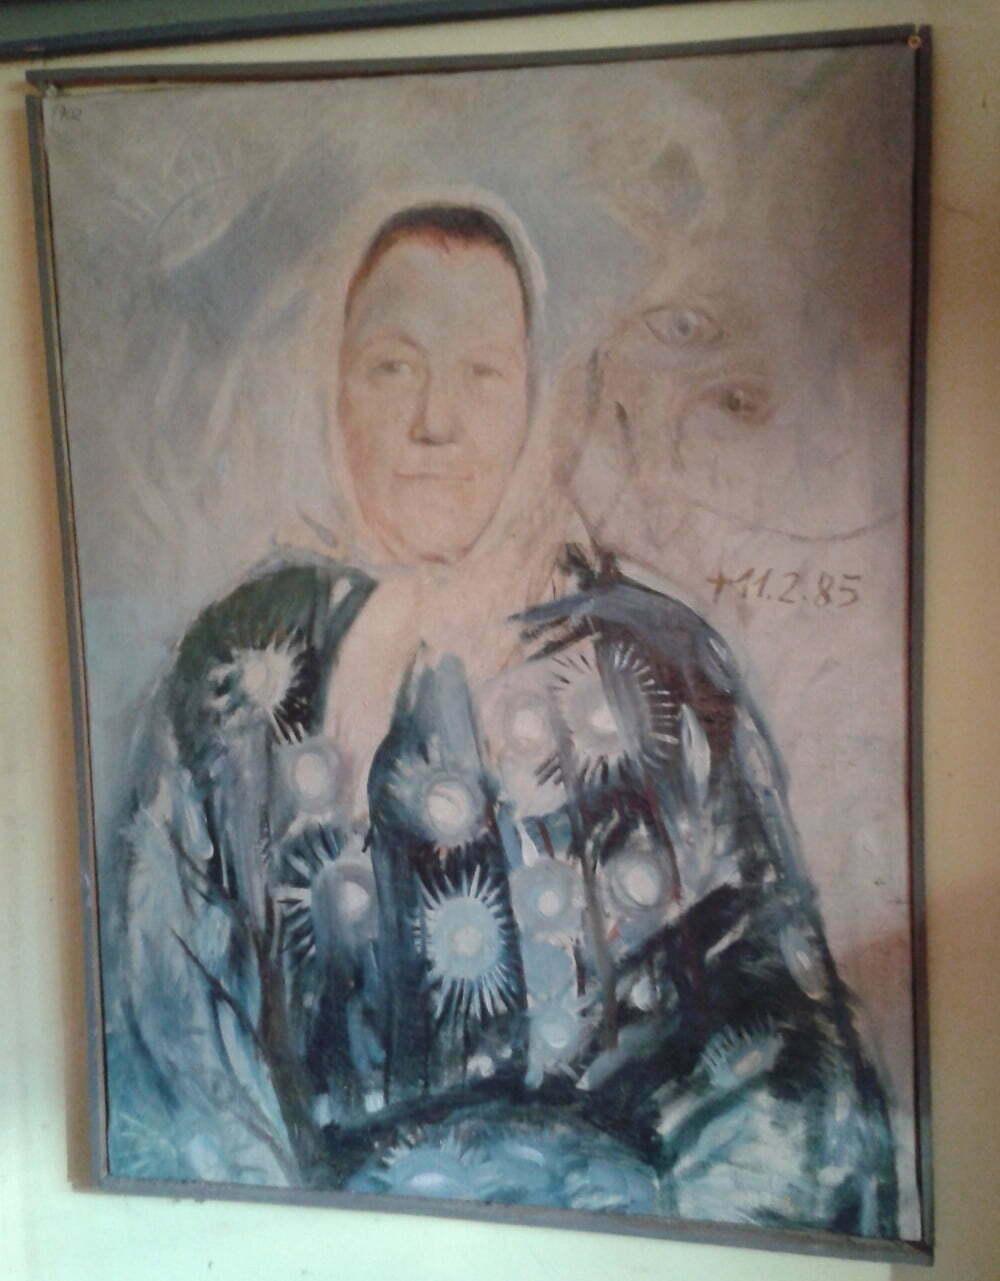 Portert babci na obrazie Zbigniewa Zamołojki